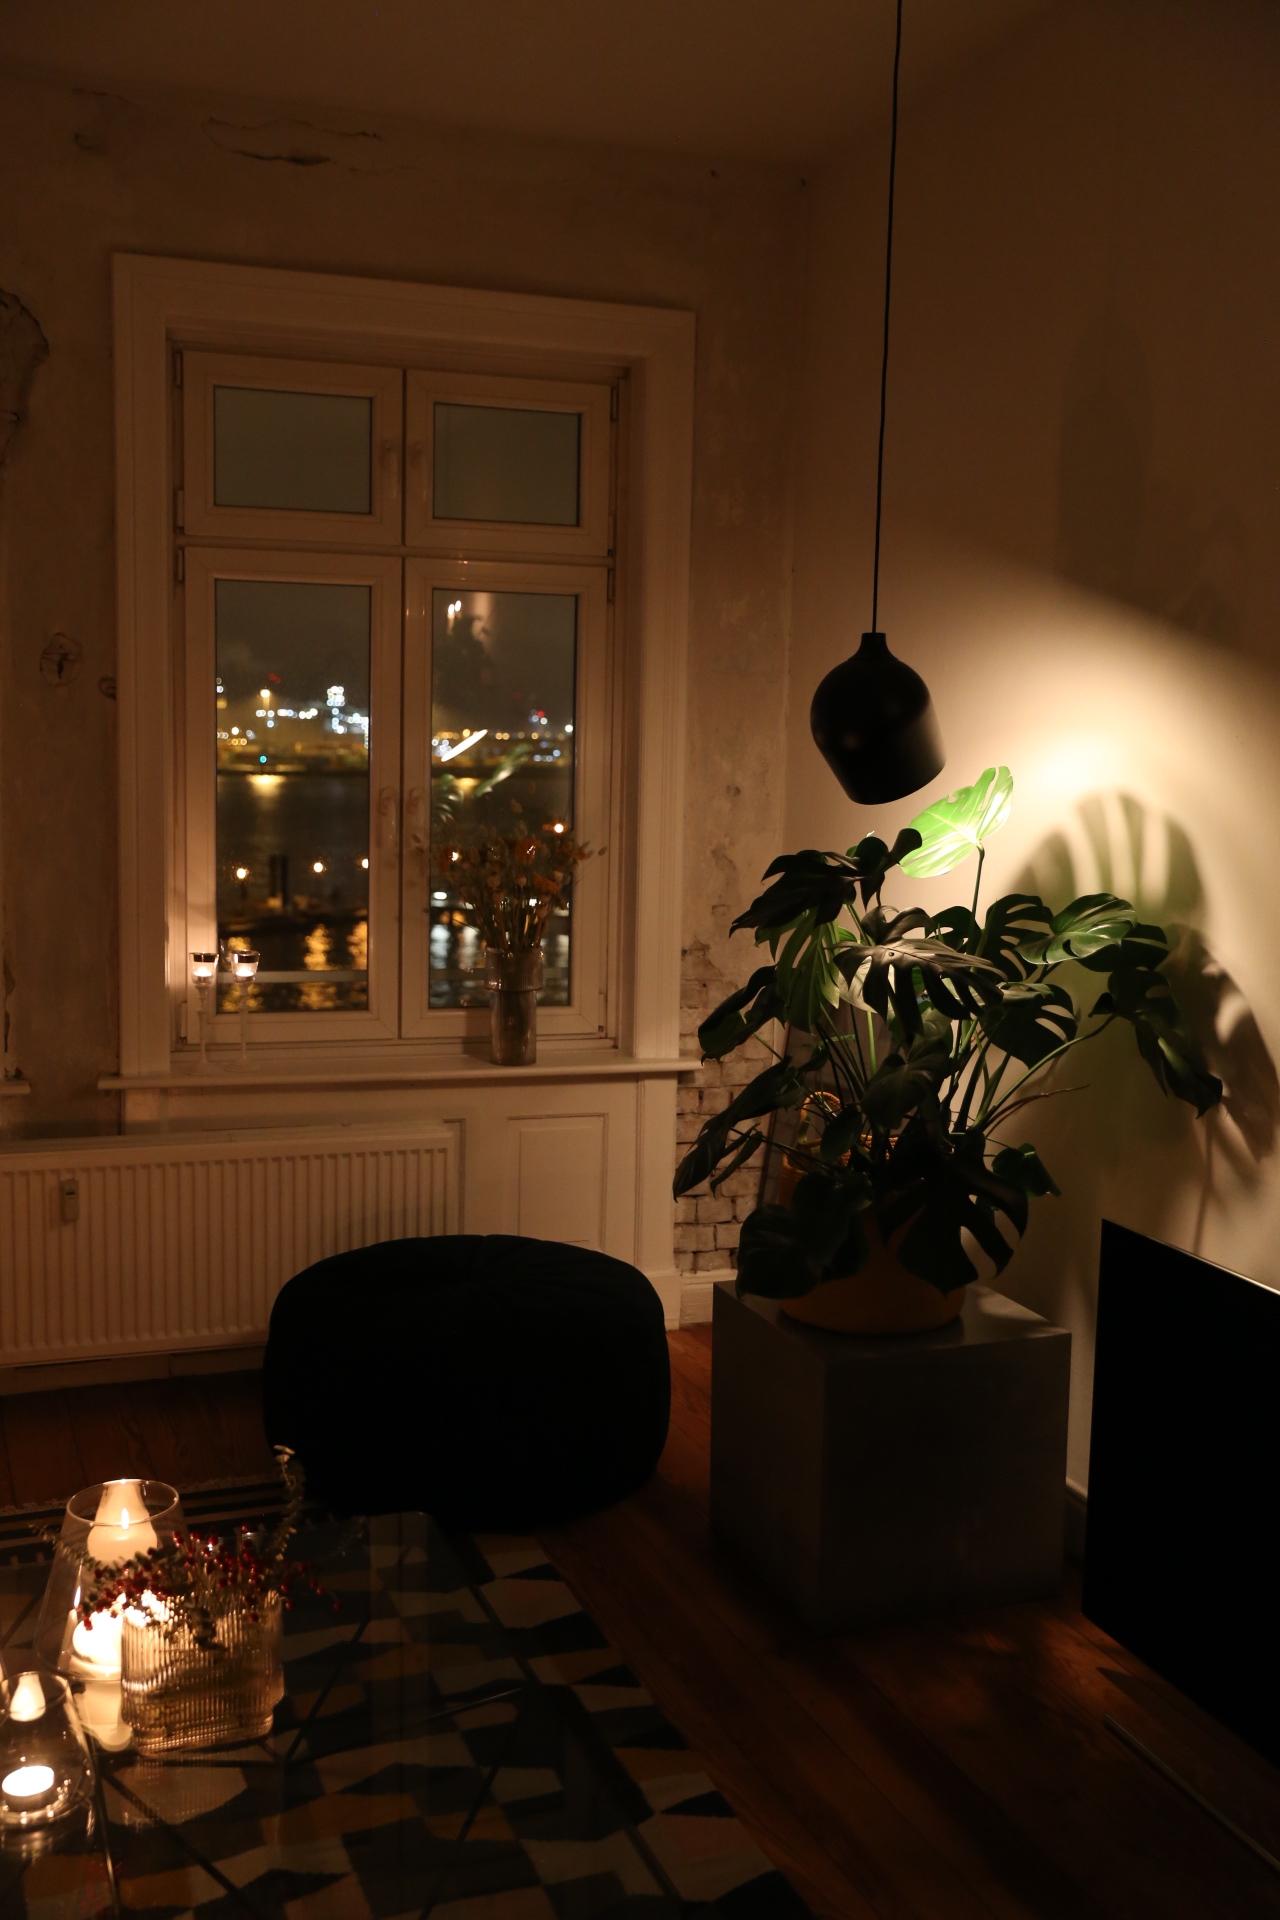 Hue Licht Wohnzimmer